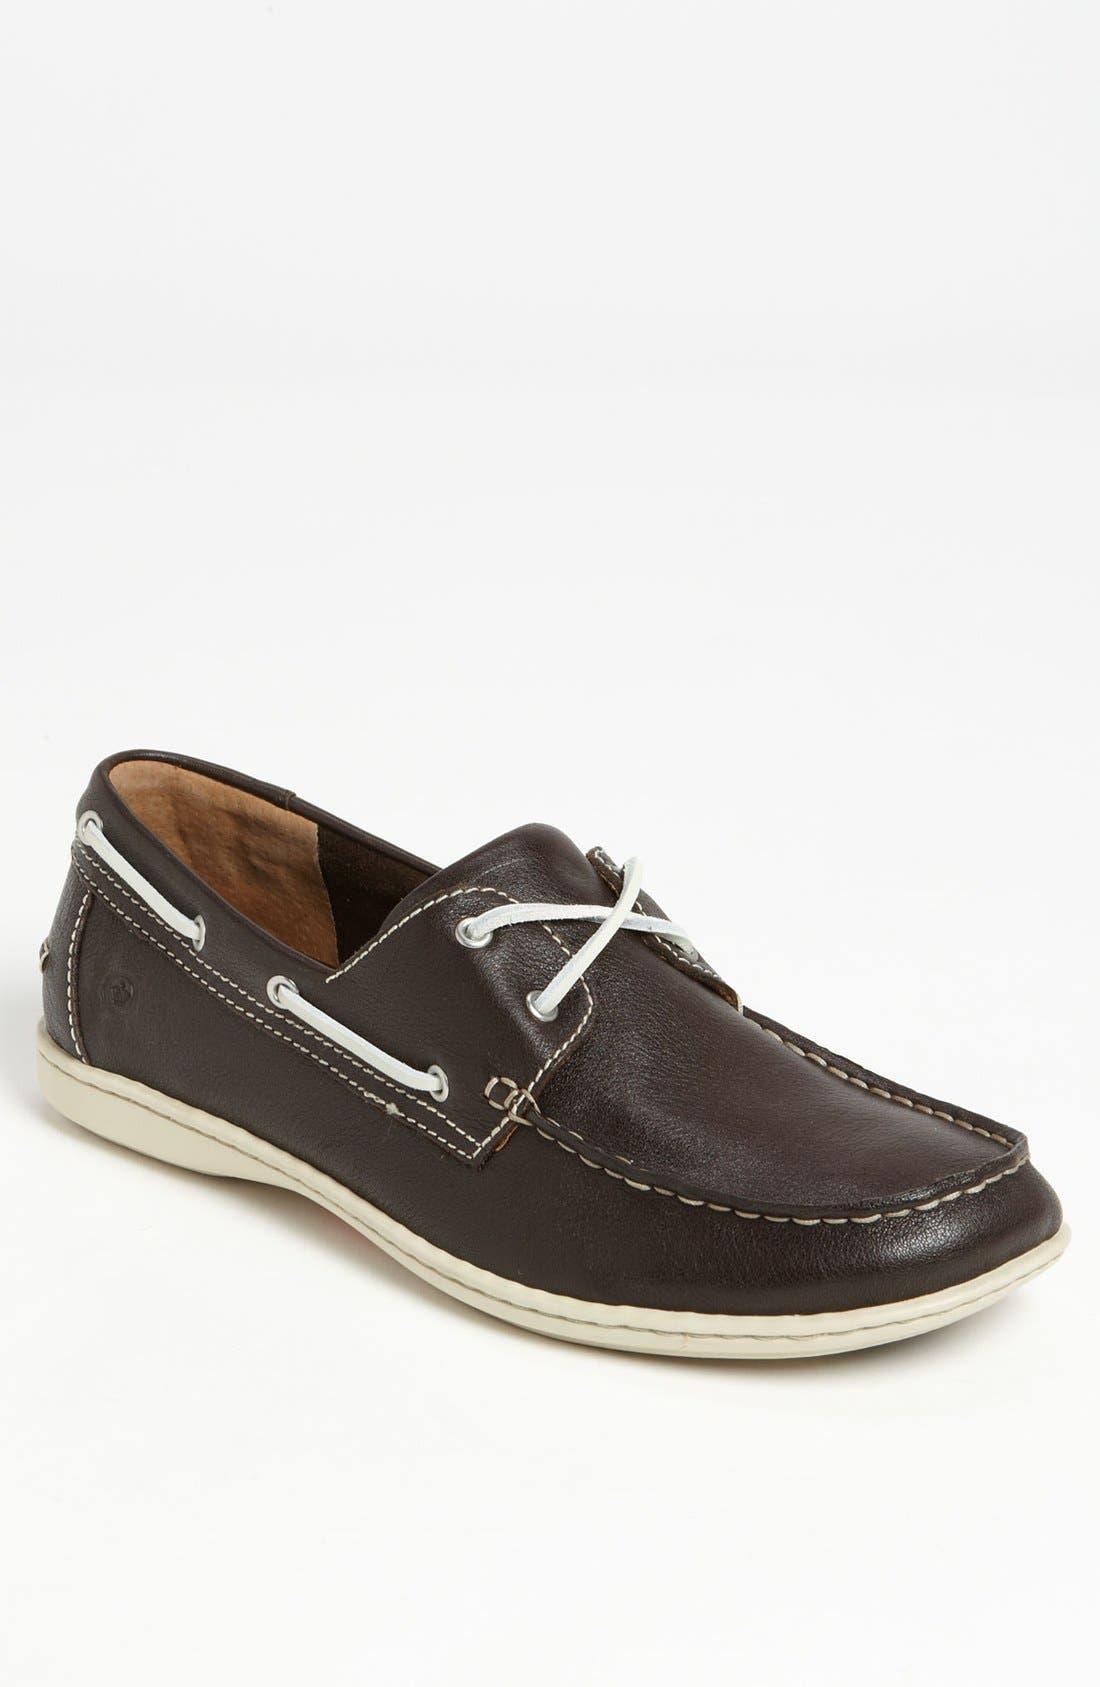 Main Image - Børn 'Henri' Boat Shoe (Men)